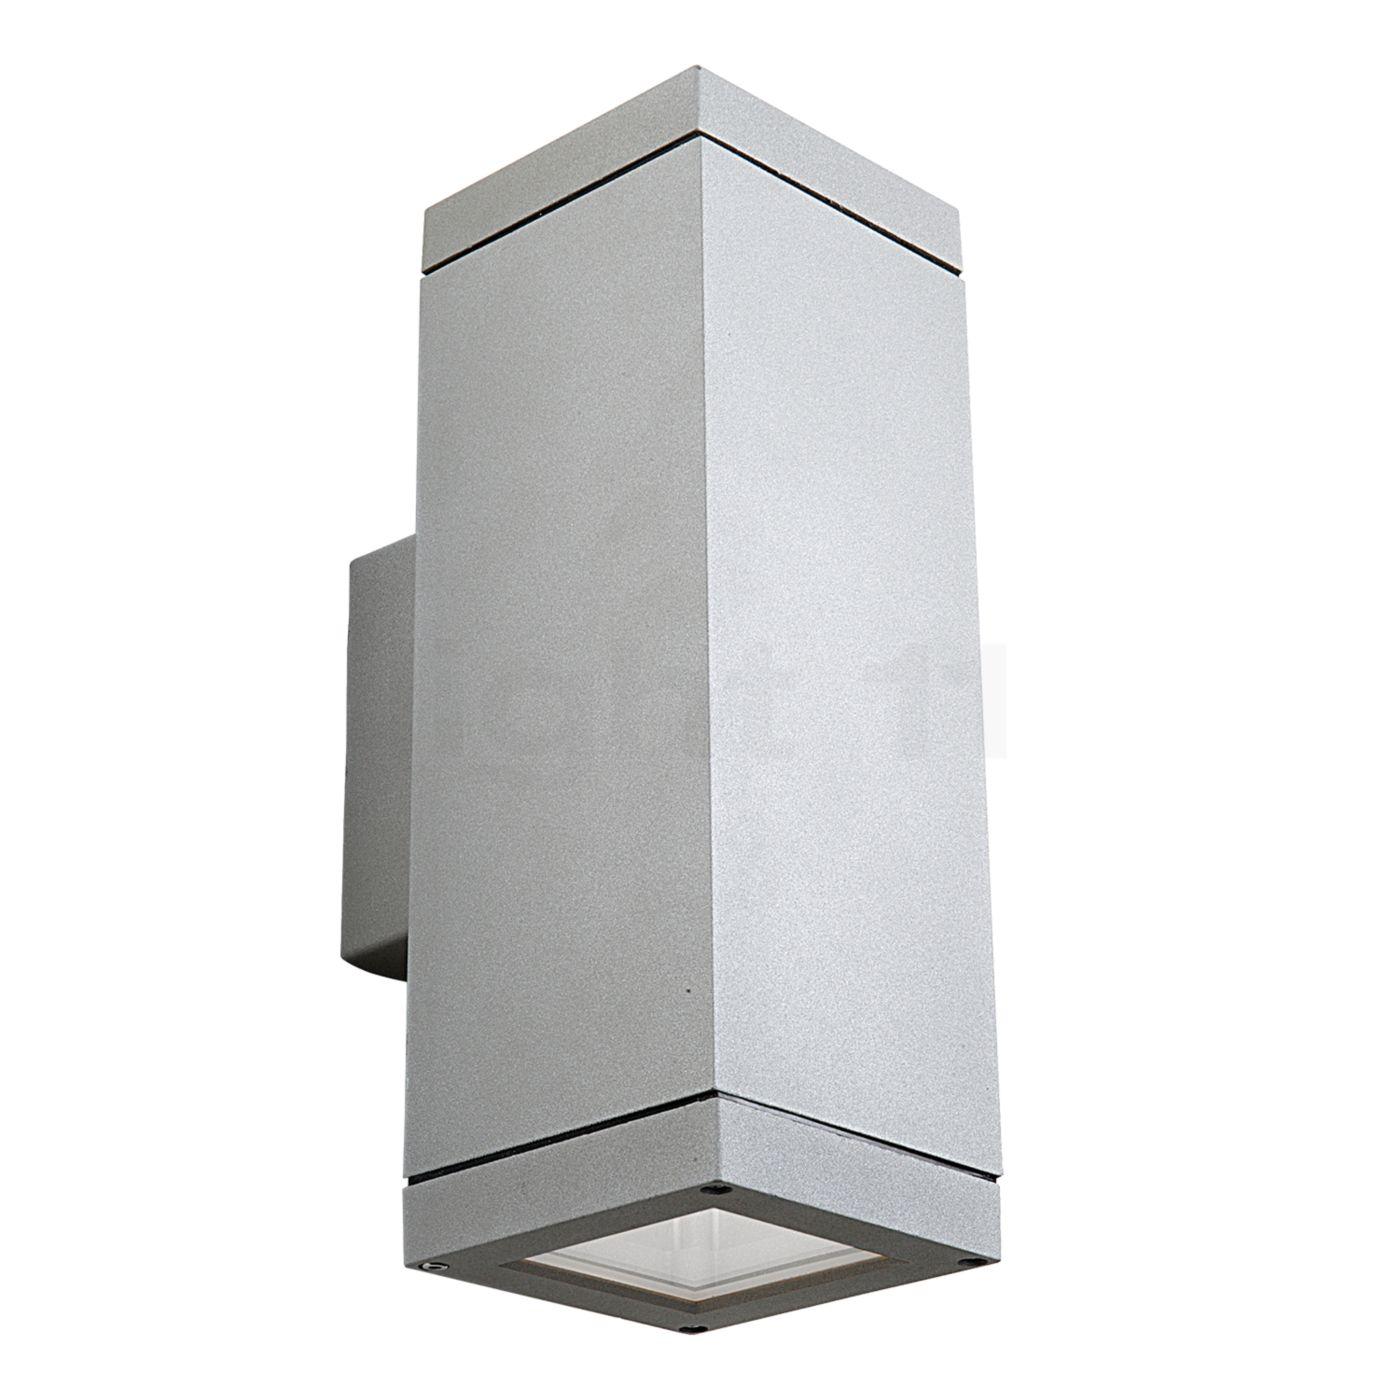 LEDS-C4 Afrodita PAR-30 Up-/Down Wandleuchte, grau 05-9368-34-37